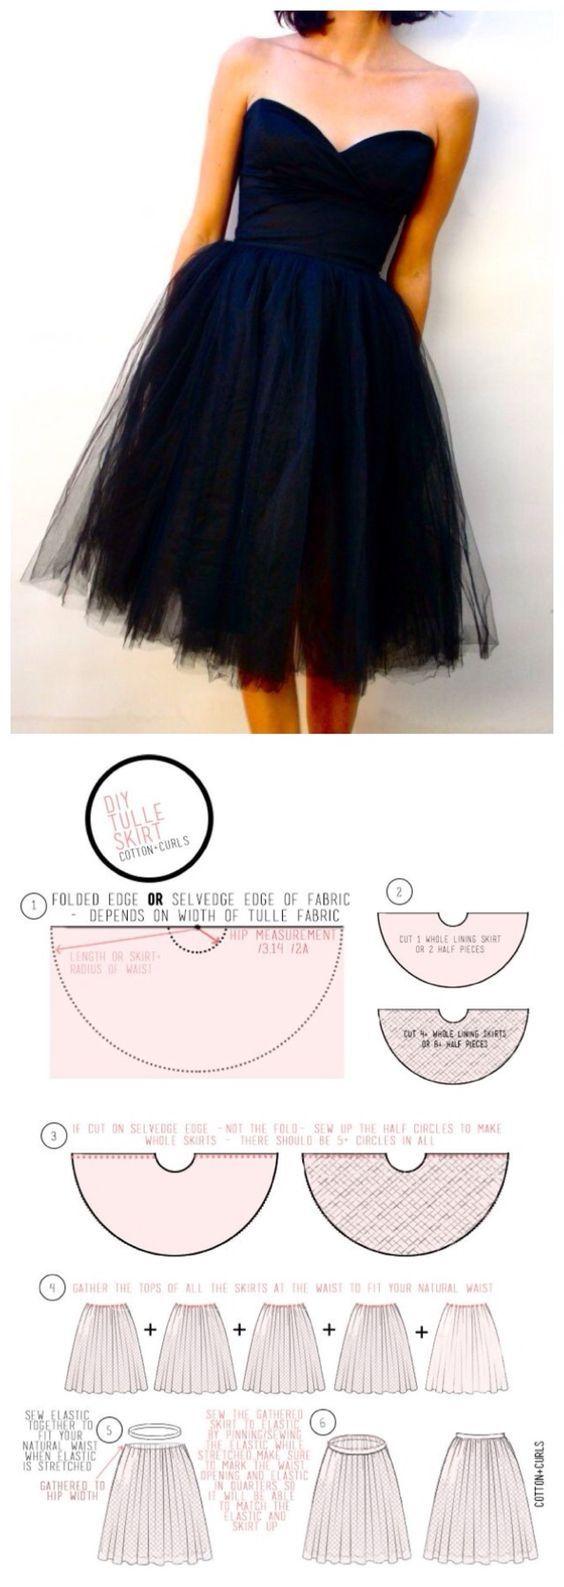 DIY tulle skirt: reprise robe bleue